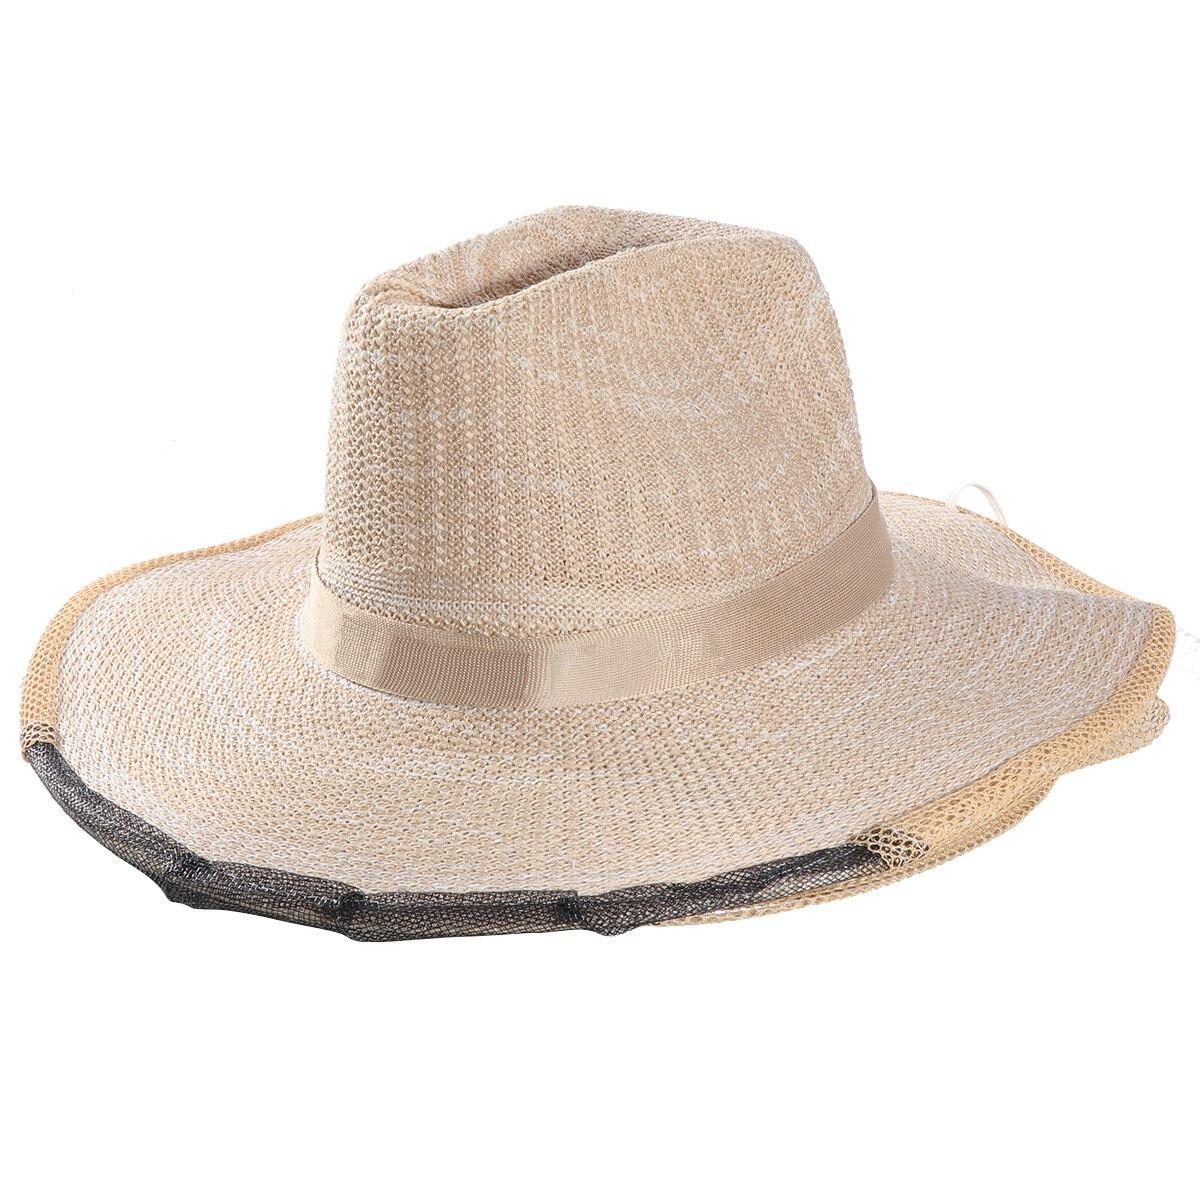 Mosquito insecto abeja insecto repelente malla neto Protector vaquero sombrero  cabeza Protector 3086df61611